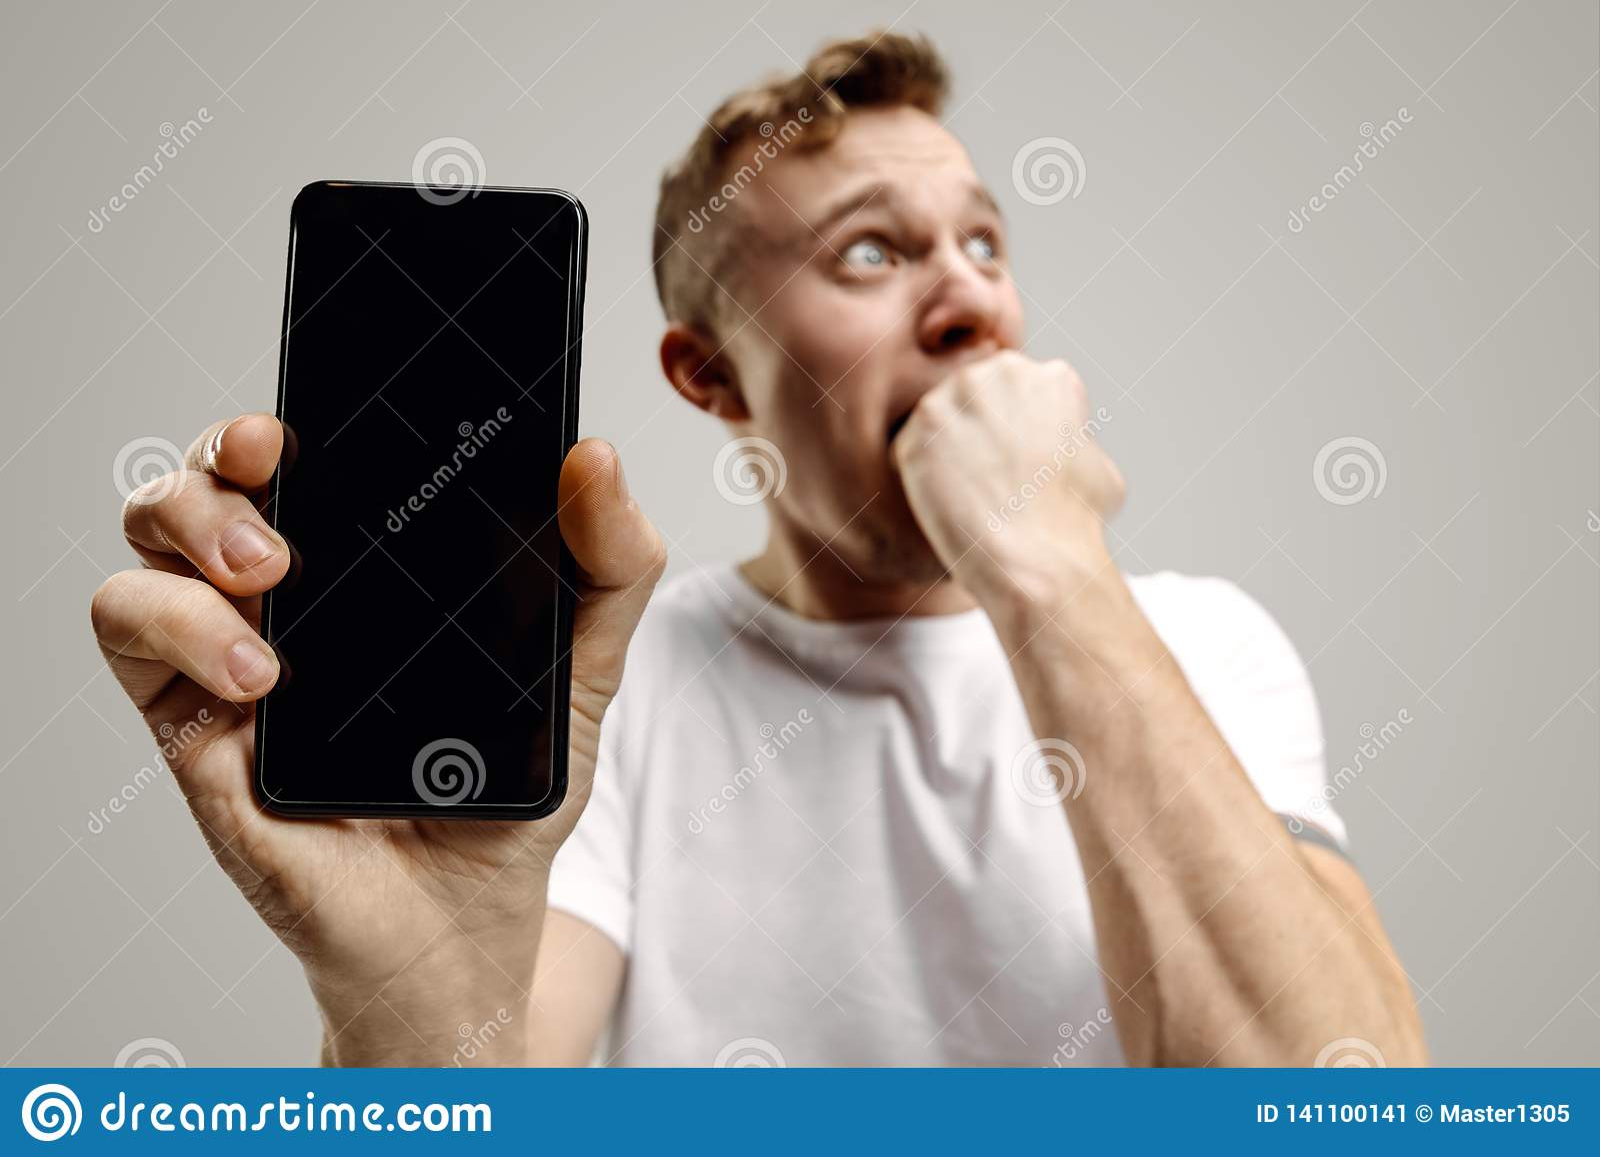 Młody przystojny mężczyzna pokazuje smartphone ekran odizolowywającego na szarym tle w szoku z niespodzianki twarzą